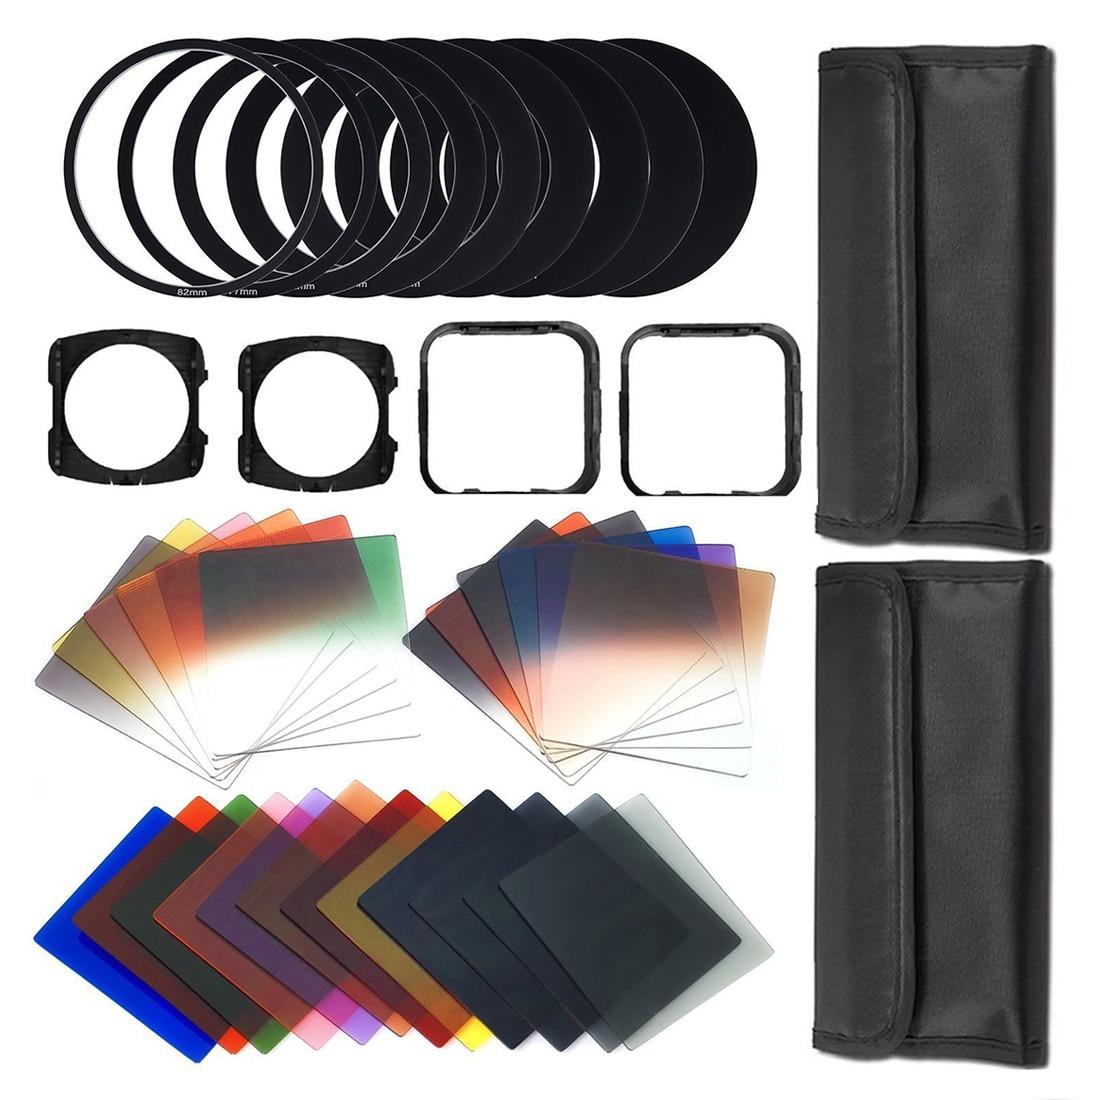 41 шт. квадратные градиентные линзы + набор фильтров ND для всех объективов, заменяя переходное кольцо с кошельком, чехол для кожи